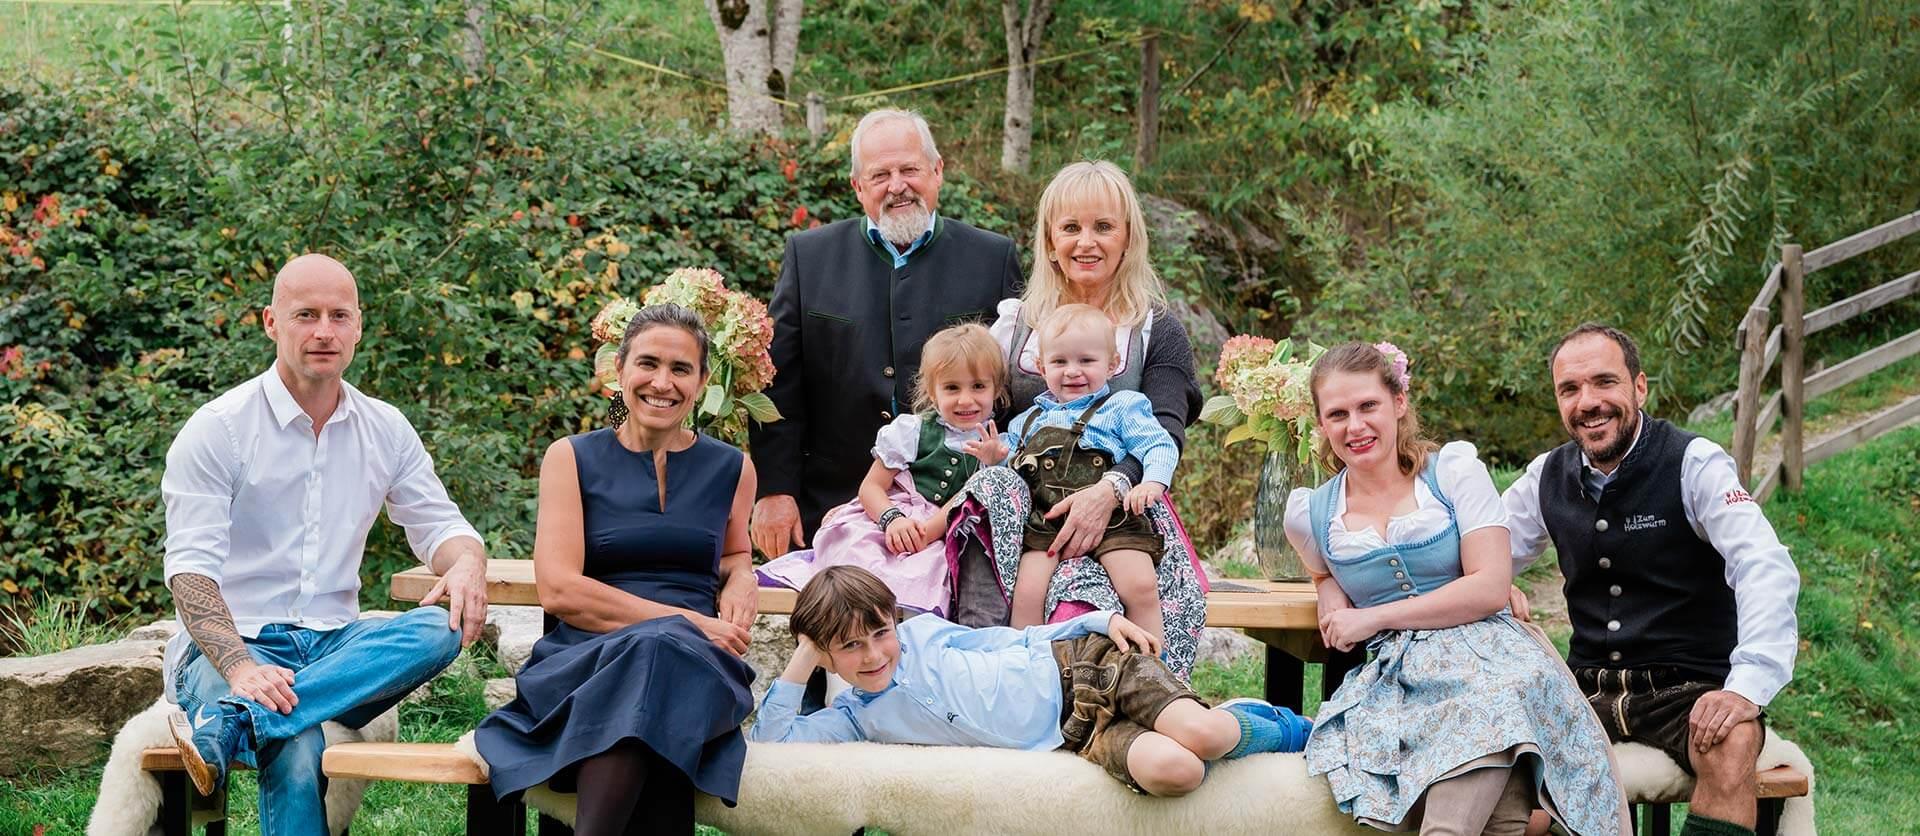 Familie Gappmaier, Flachau, s' Schlössl